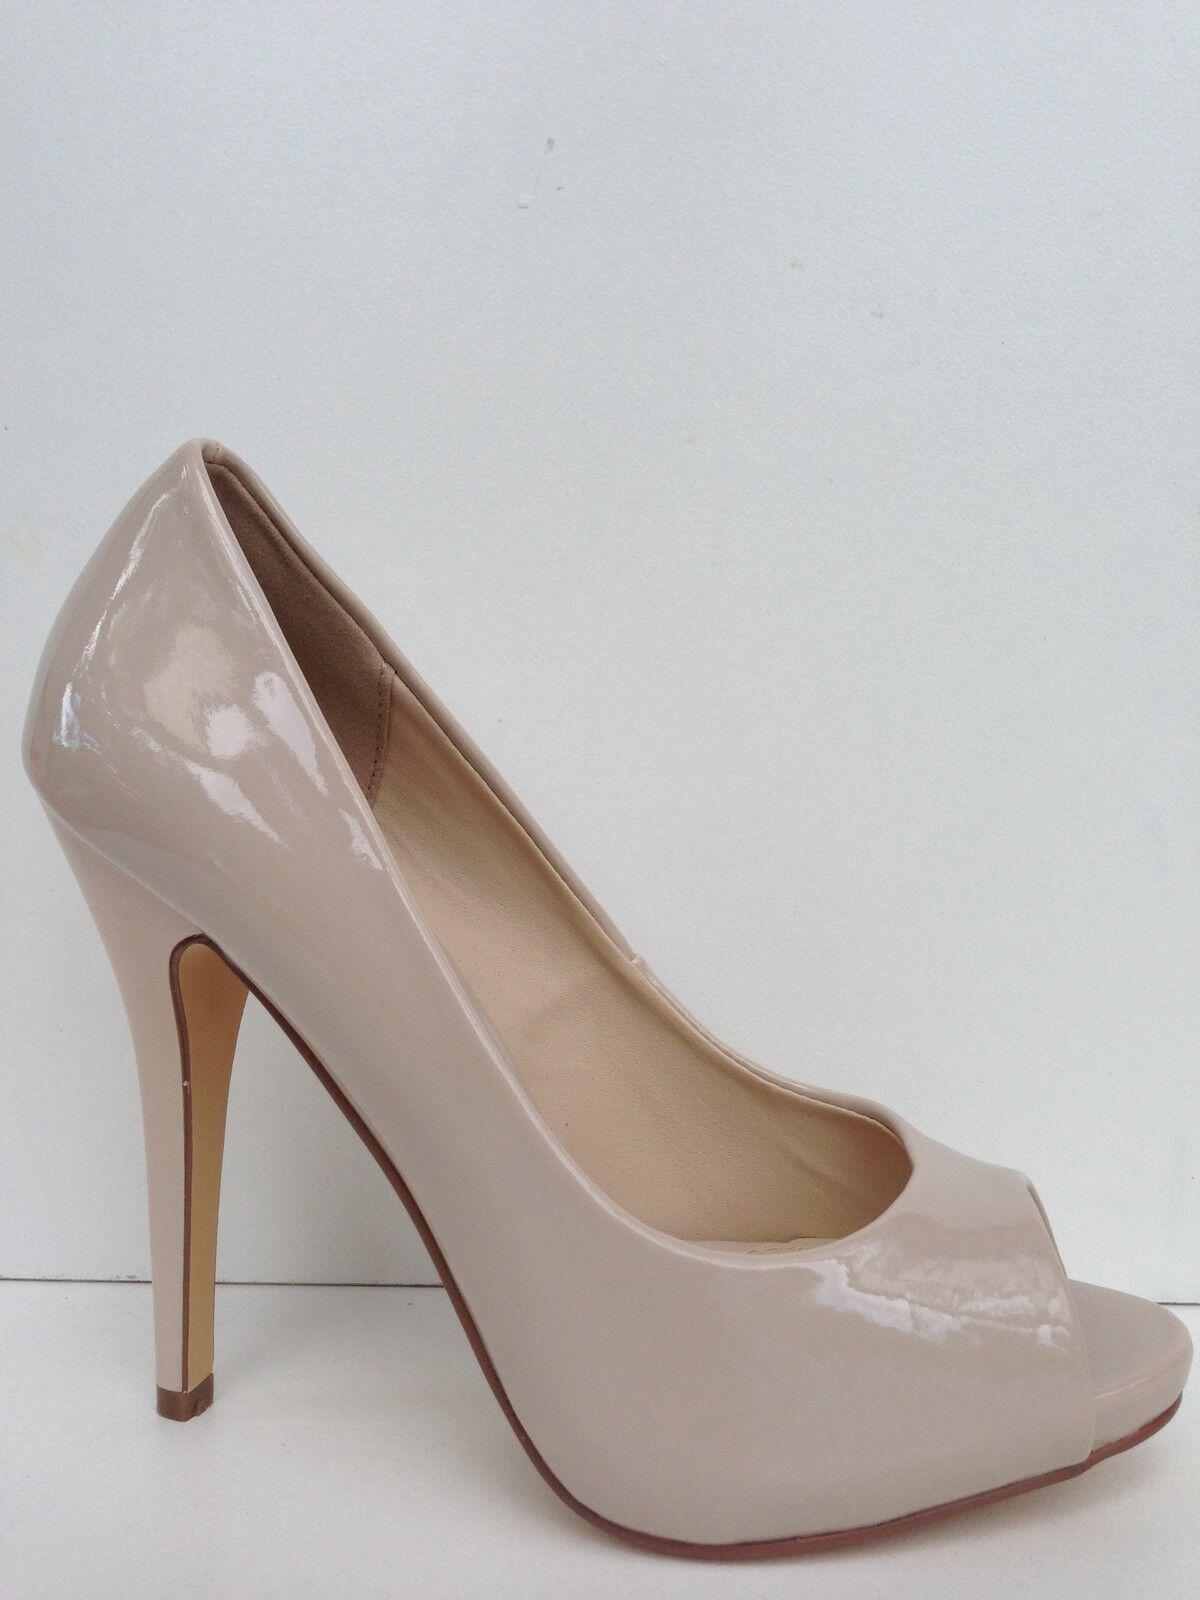 Damenschuhe EVENING Schuhe